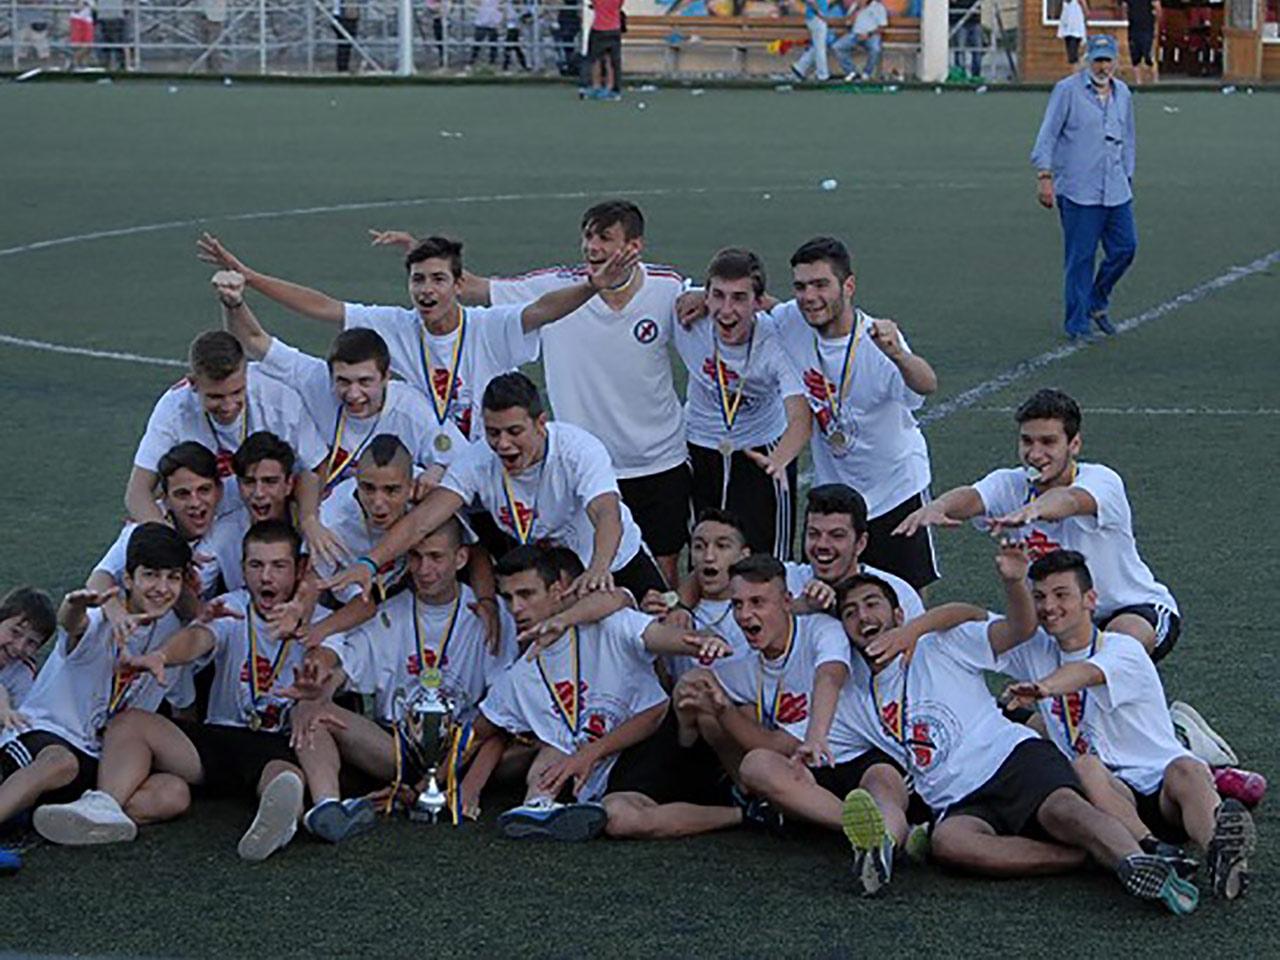 Έφηβοι 2015 Νικητές FC - Καλλιεργούμε τη νοοτροπία του Νικητή - Γέρακας, Παλλήνη